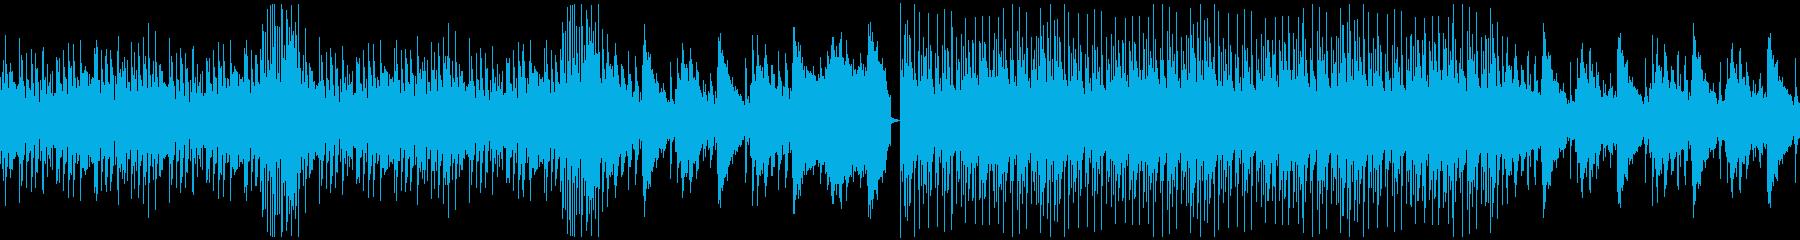 【謎解きシーンのBGM等に最適】の再生済みの波形